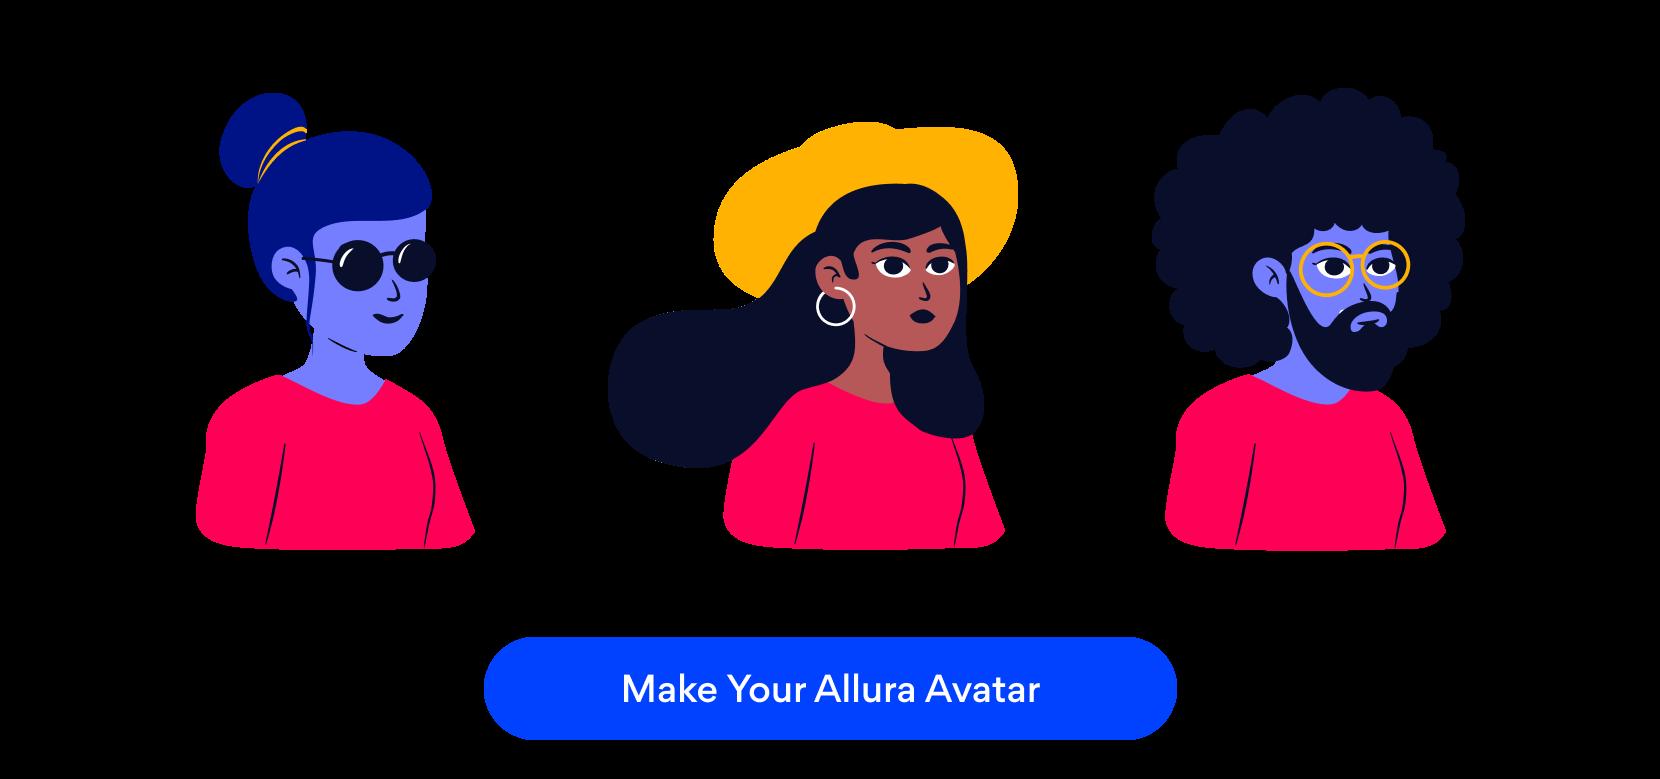 Allura avatars